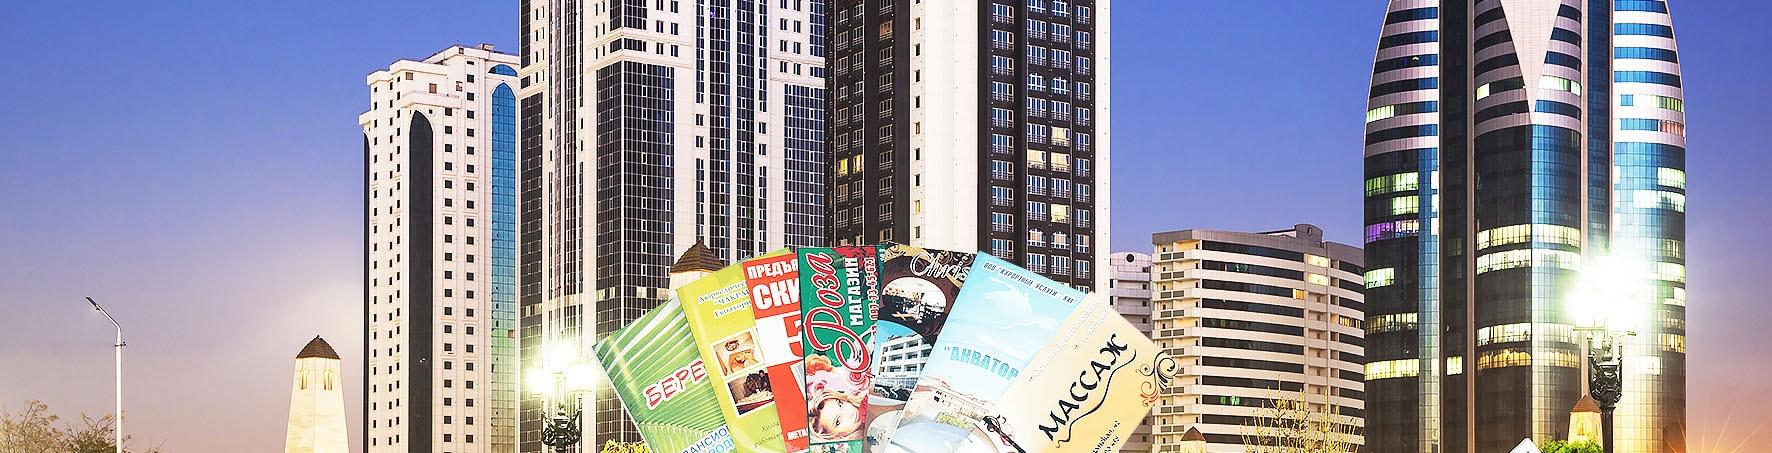 Распространение листовок в Грозном чечня